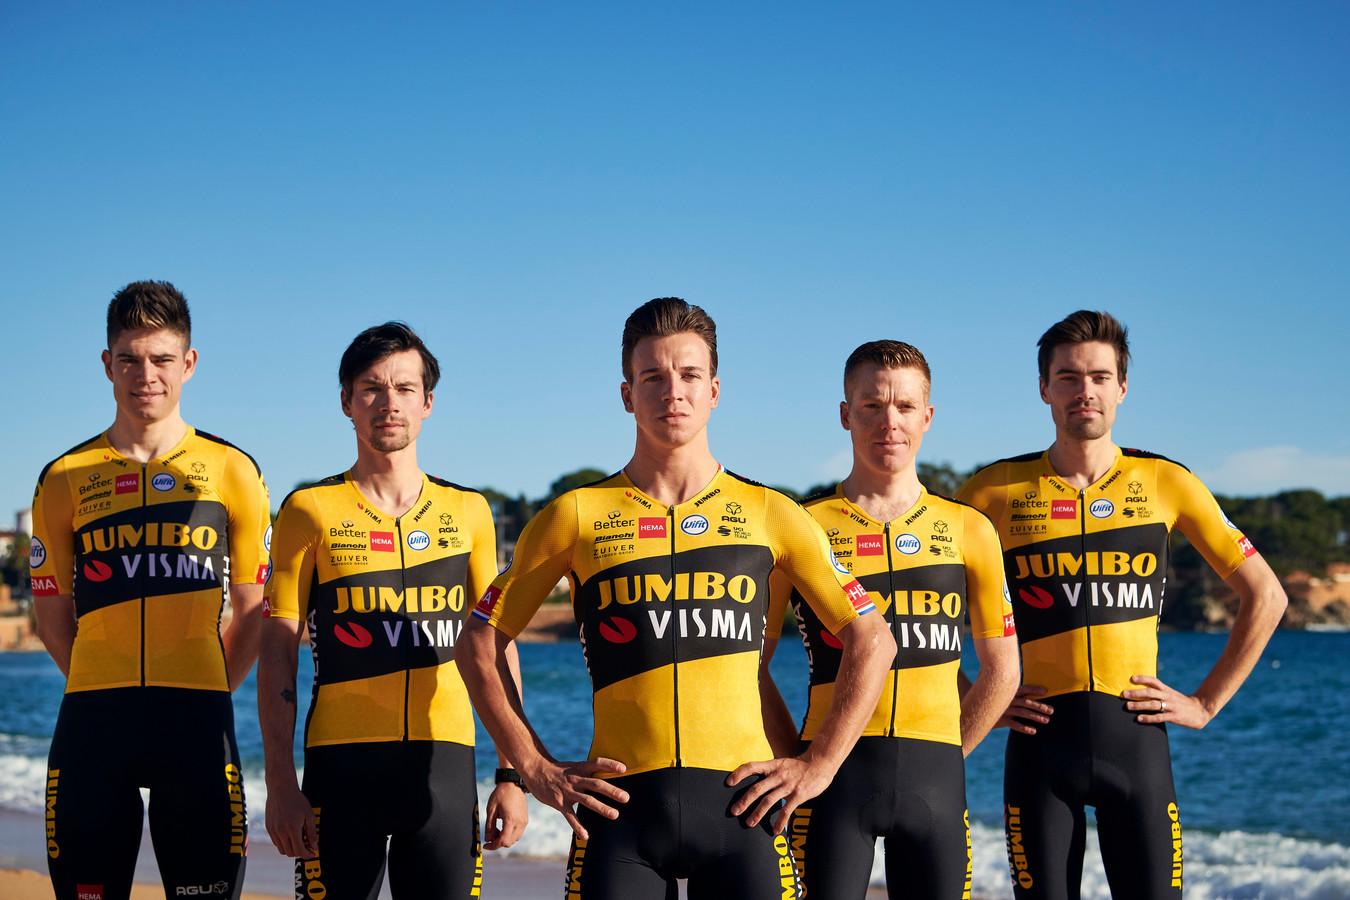 Jumbo-Visma toont nieuwe tenue. Vlnr: Wout van Aert, Primoz Roglic, Dylan Groenewegen, Steven Kruijswijk en Tom Dumoulin